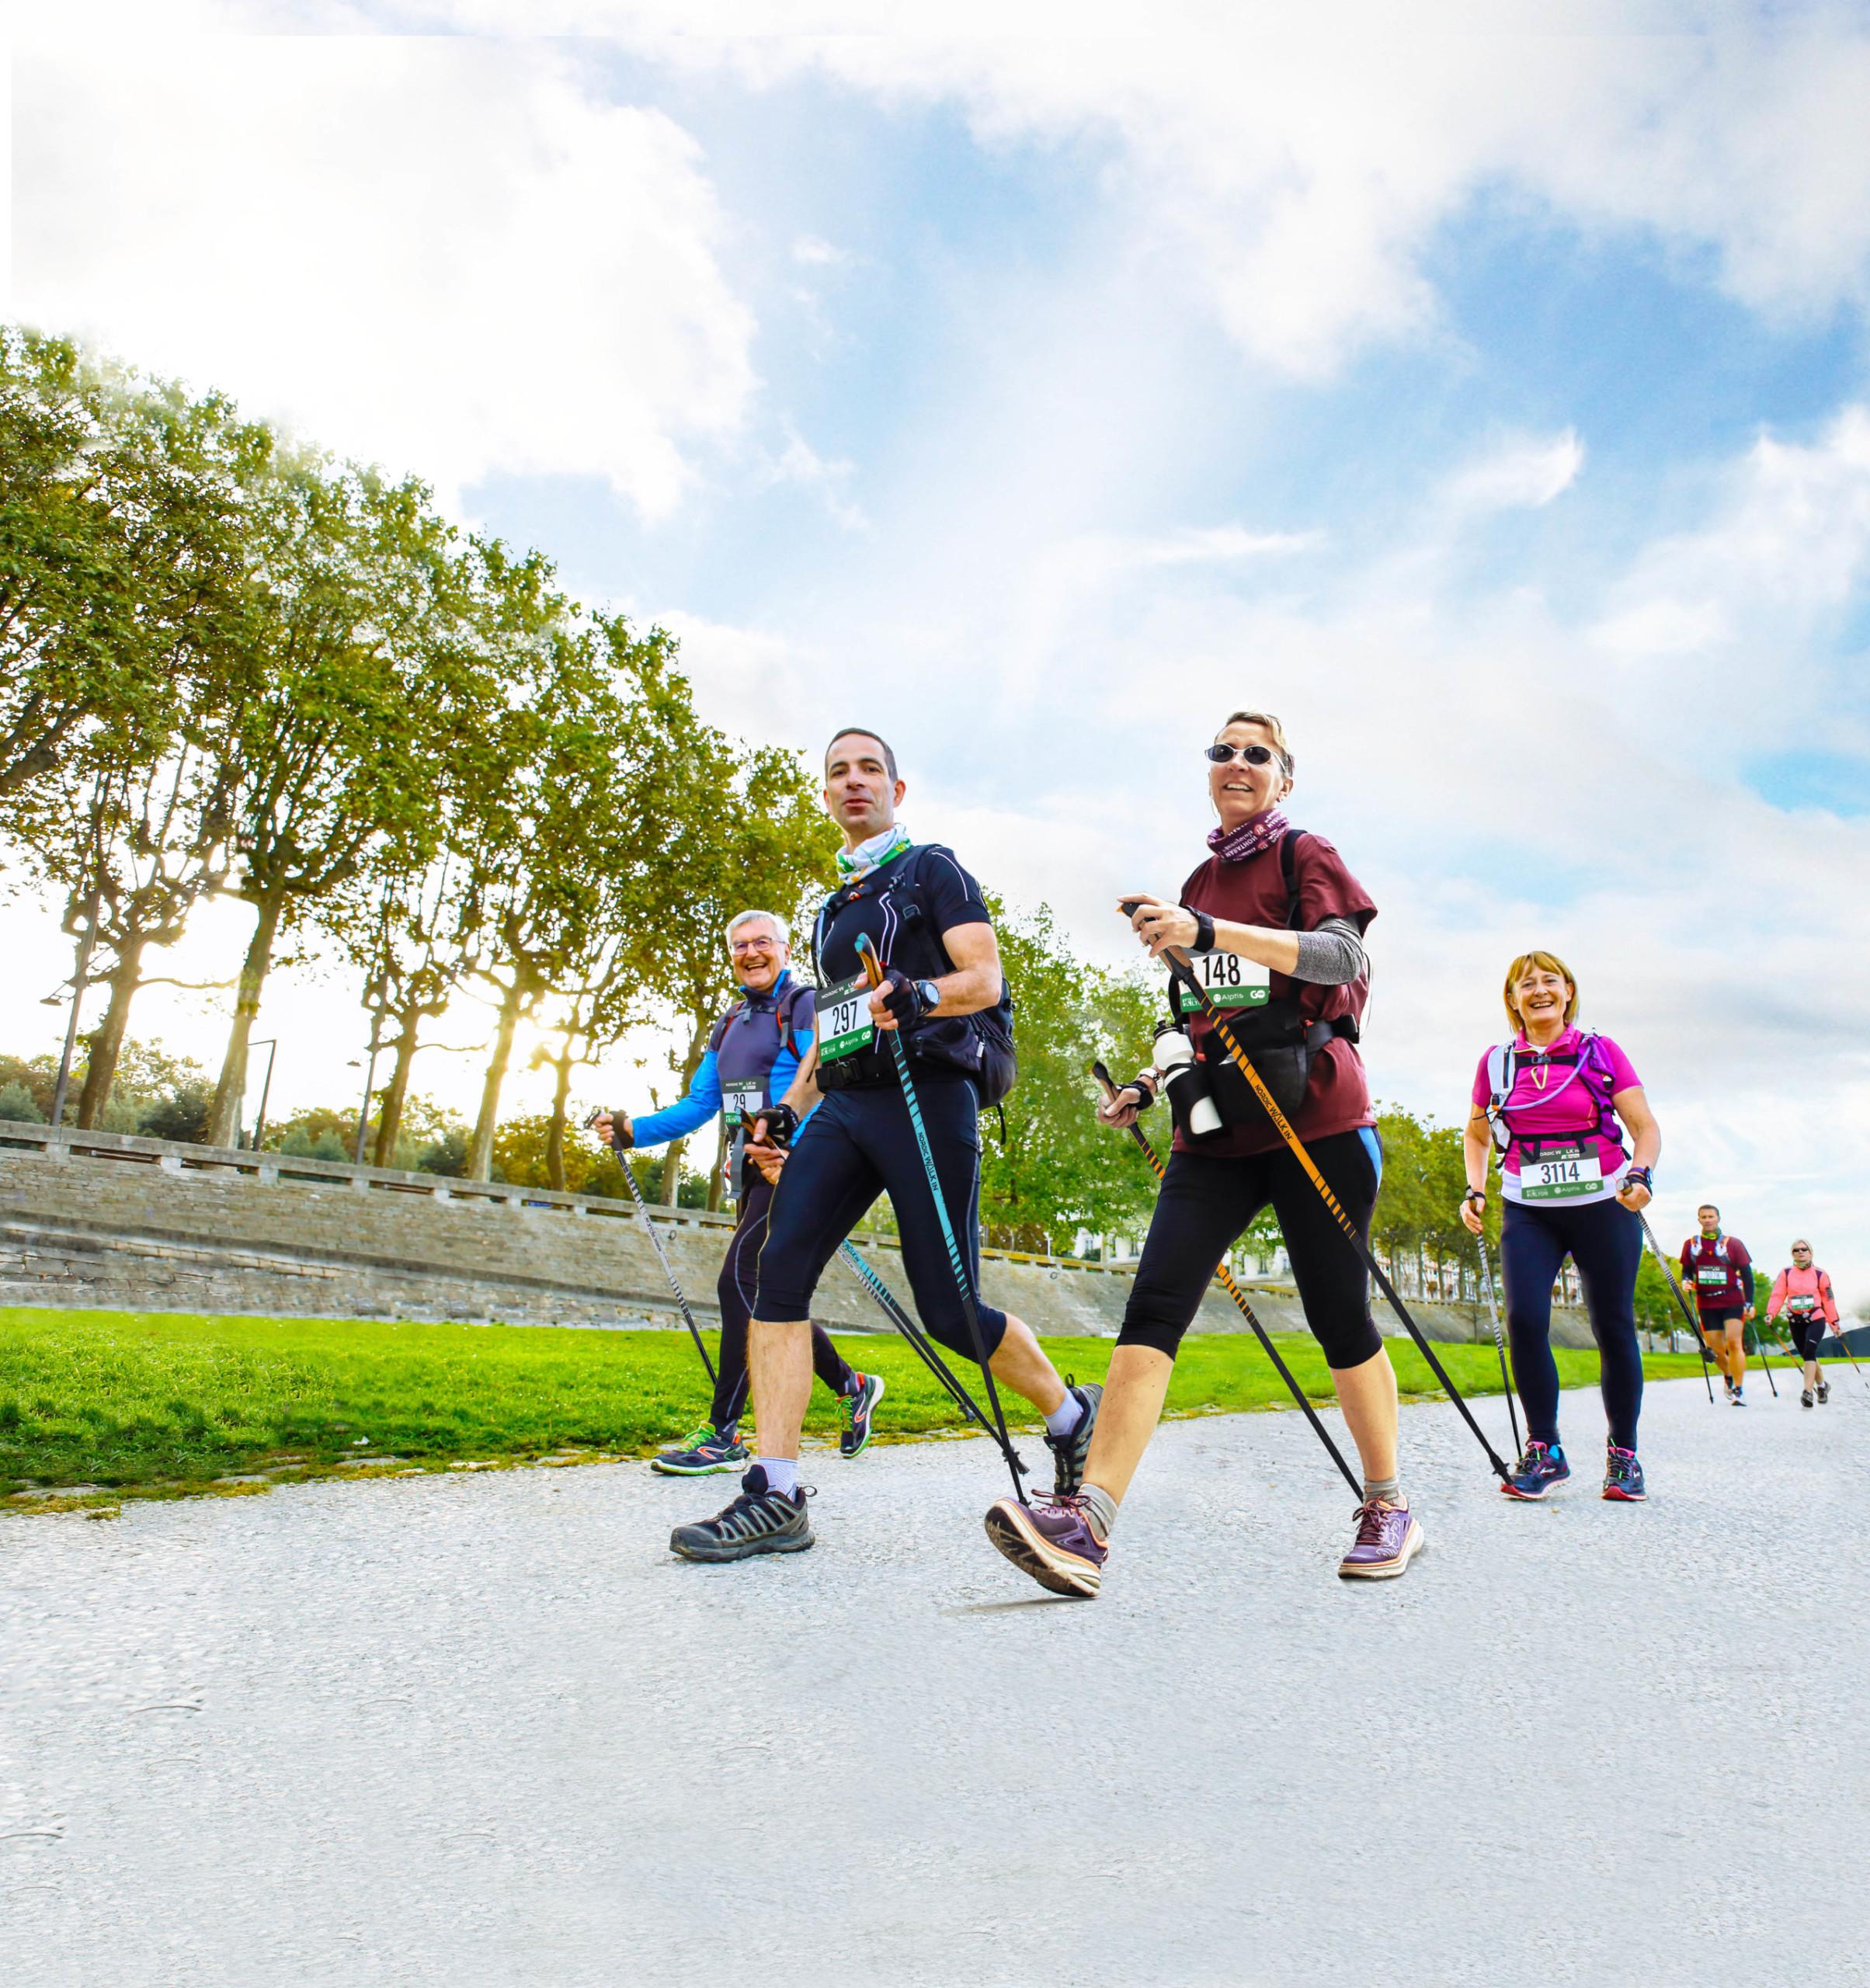 Marche nordique : favoriser la santé, le bien-être et l'activité physique en entreprise